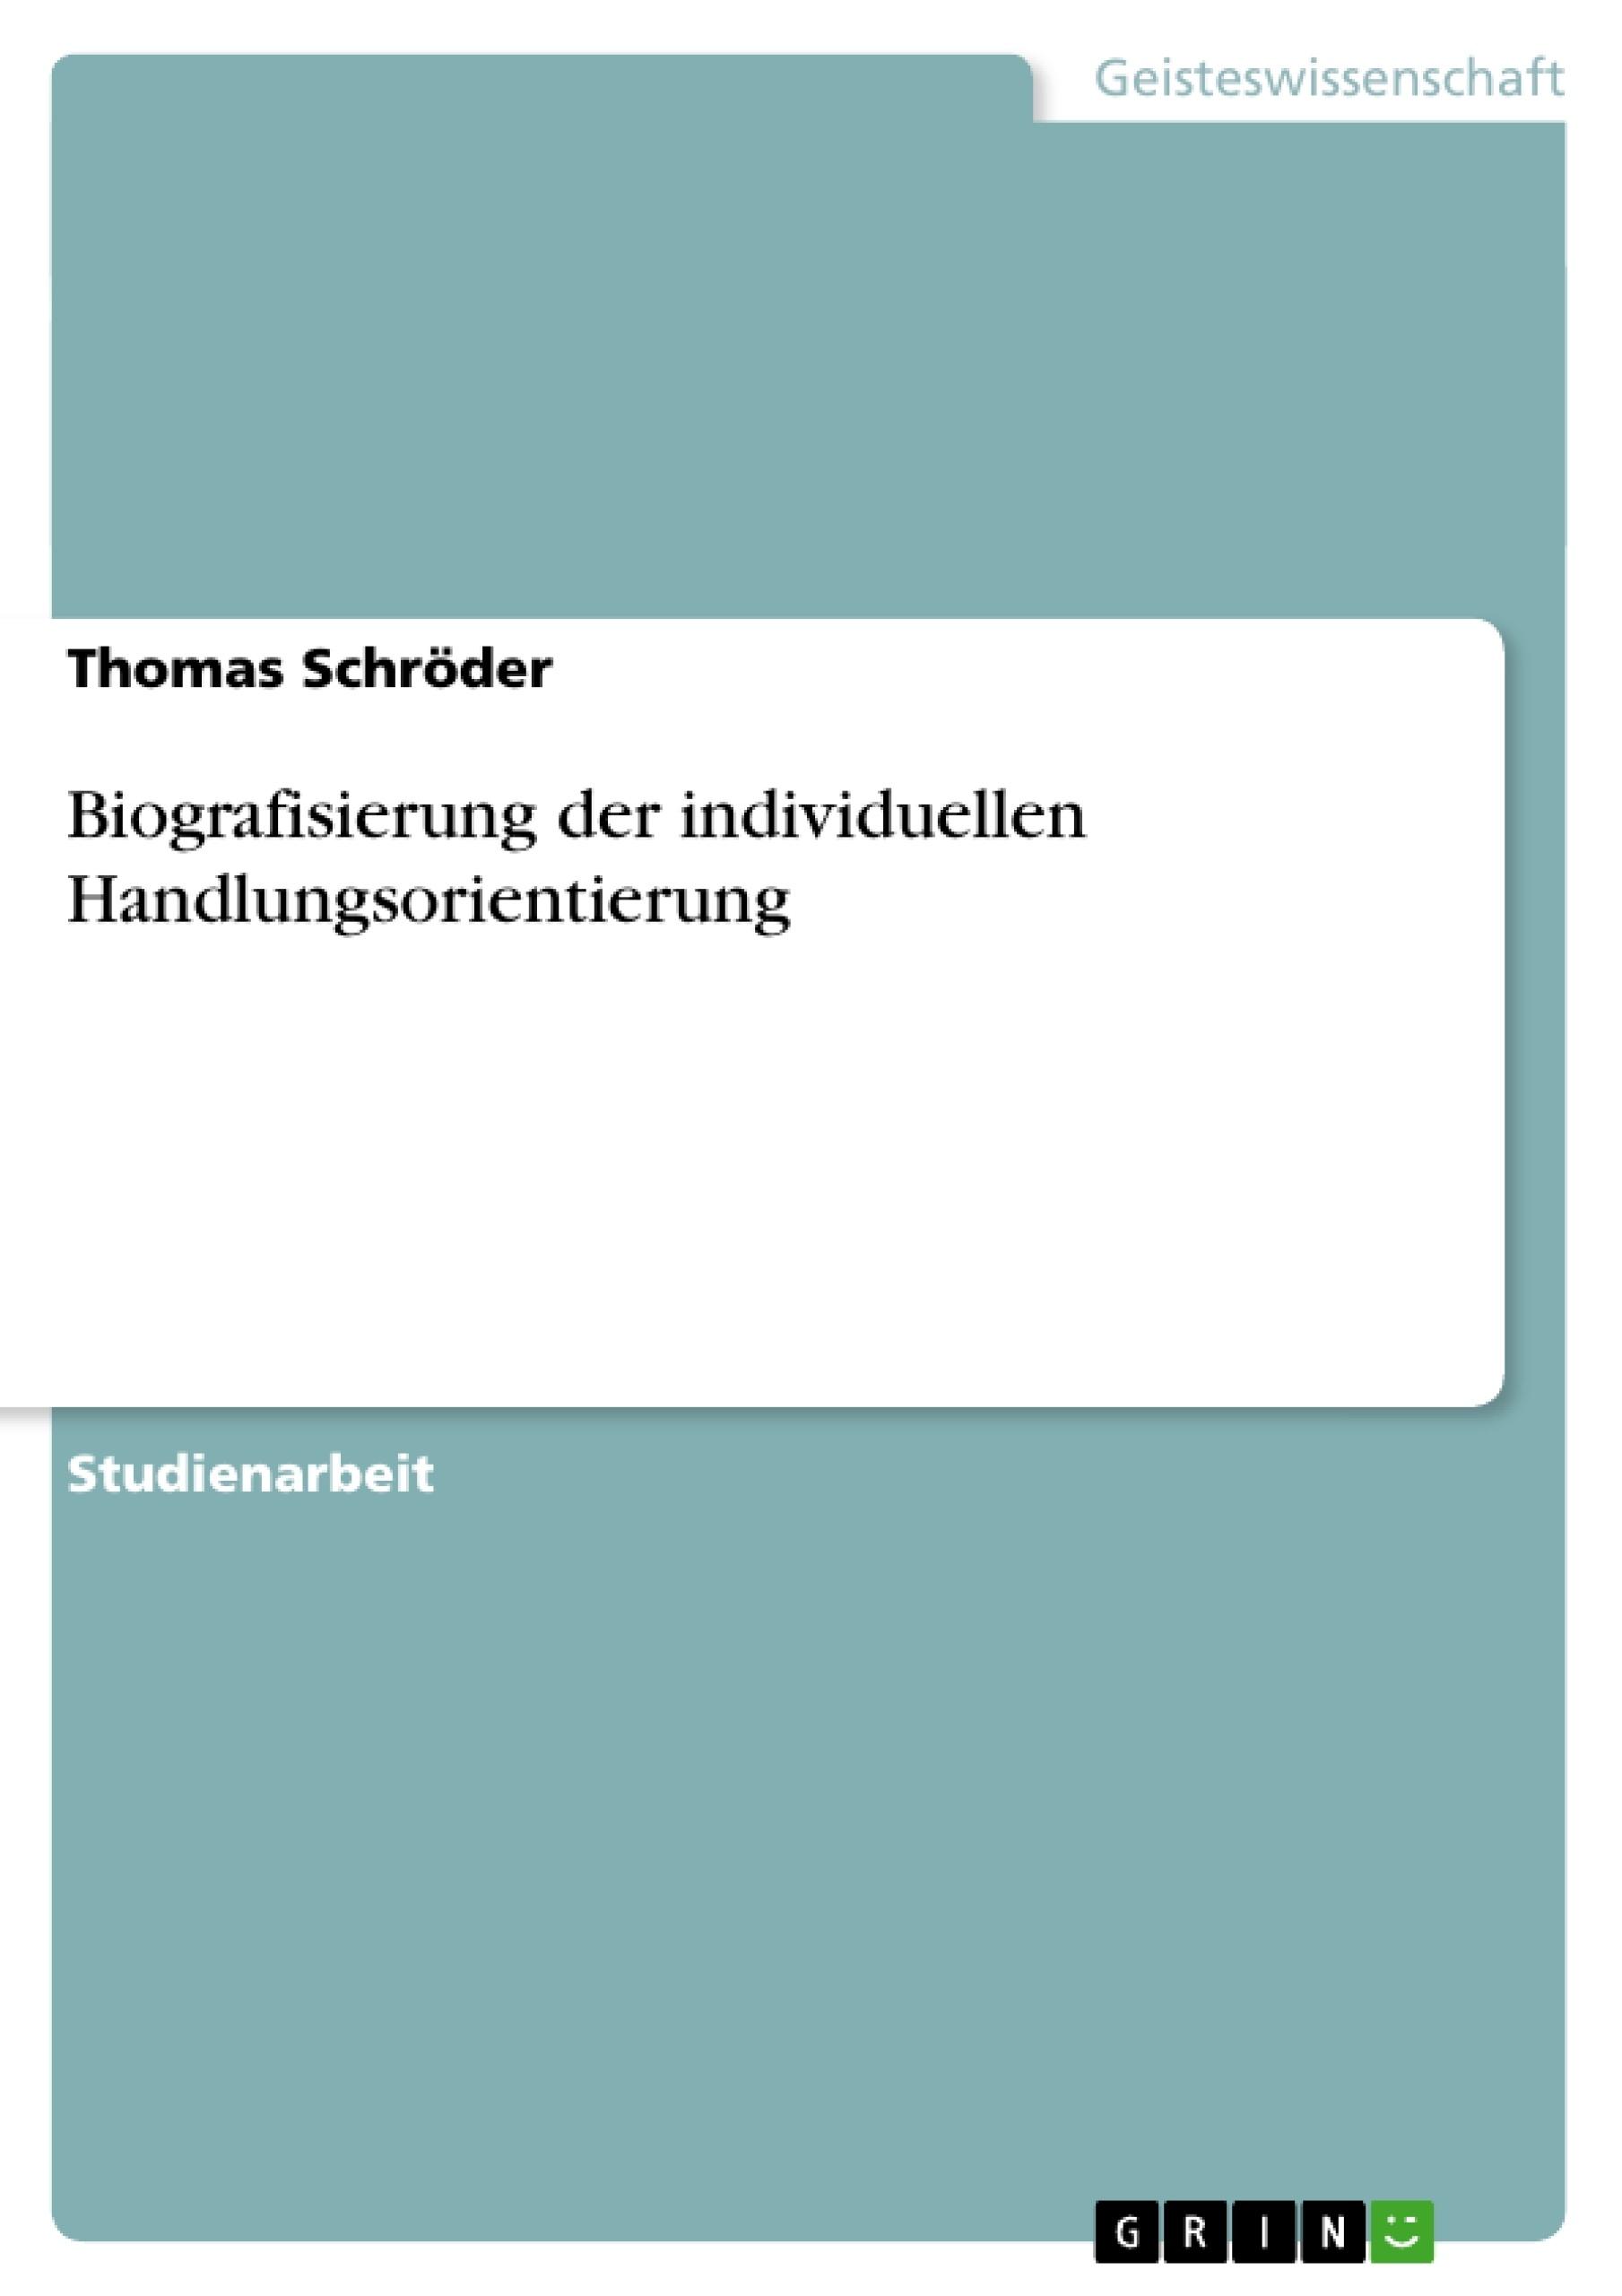 Titel: Biografisierung der individuellen Handlungsorientierung